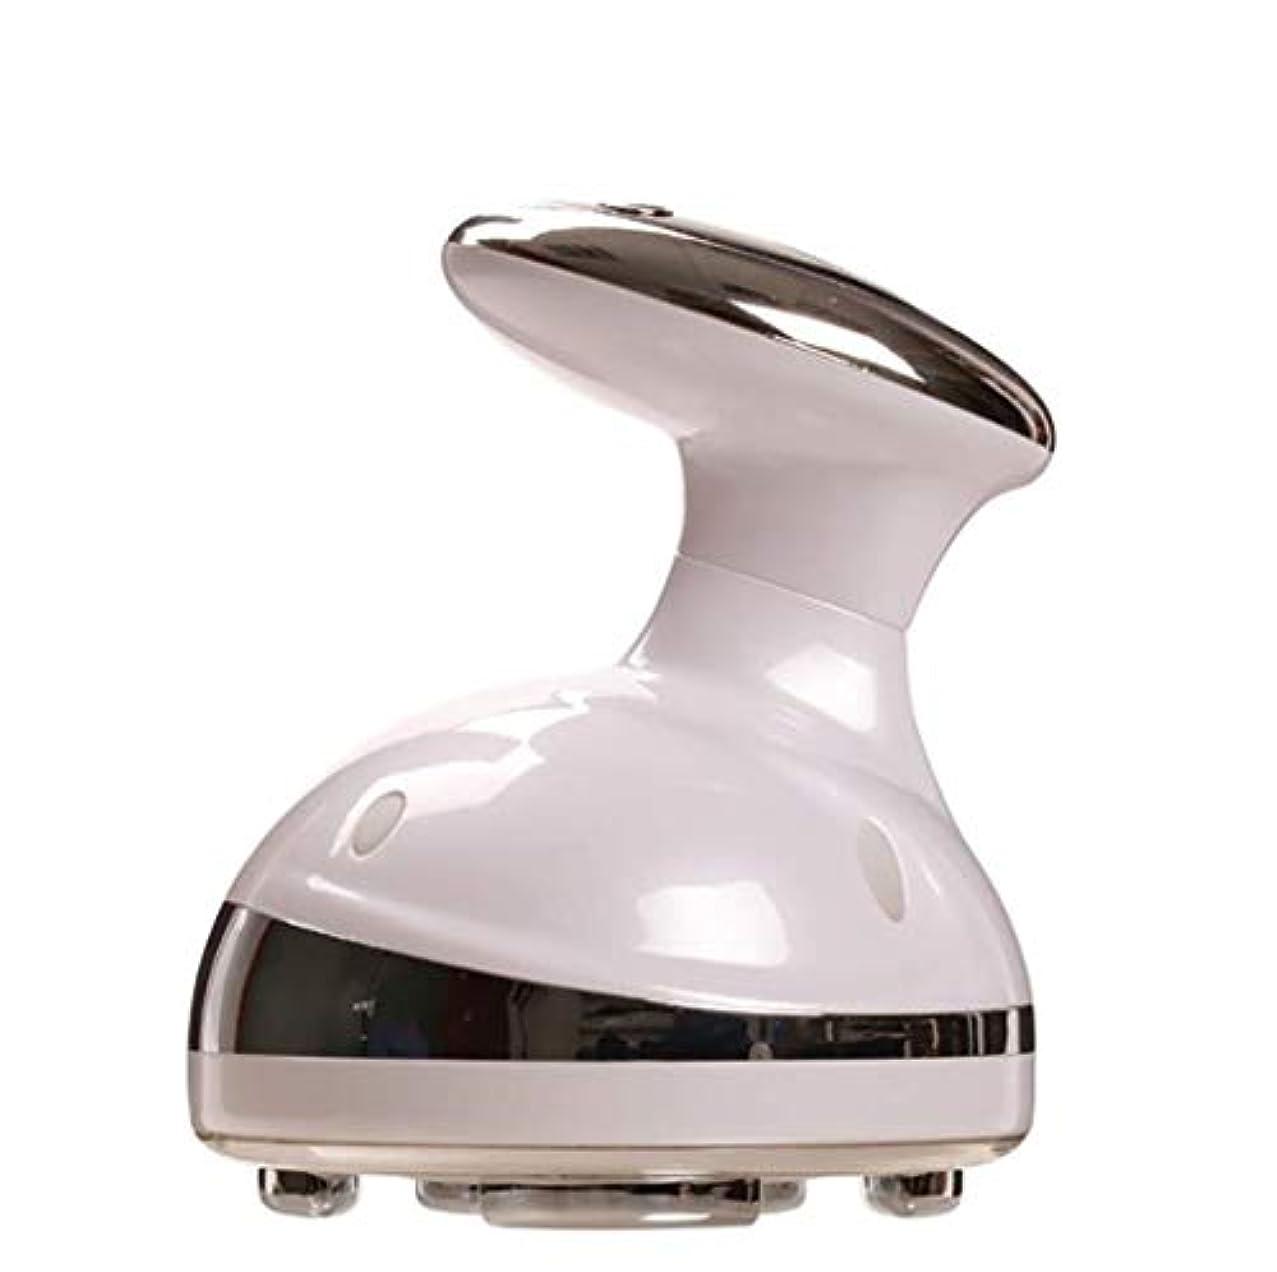 マッサージャー、多機能ボディ振動マッサージャー、ハンドヘルド減量マッサージャー、ホームオフィススポーツスマートLCDディスプレイ、ユニセックス (Color : 白)